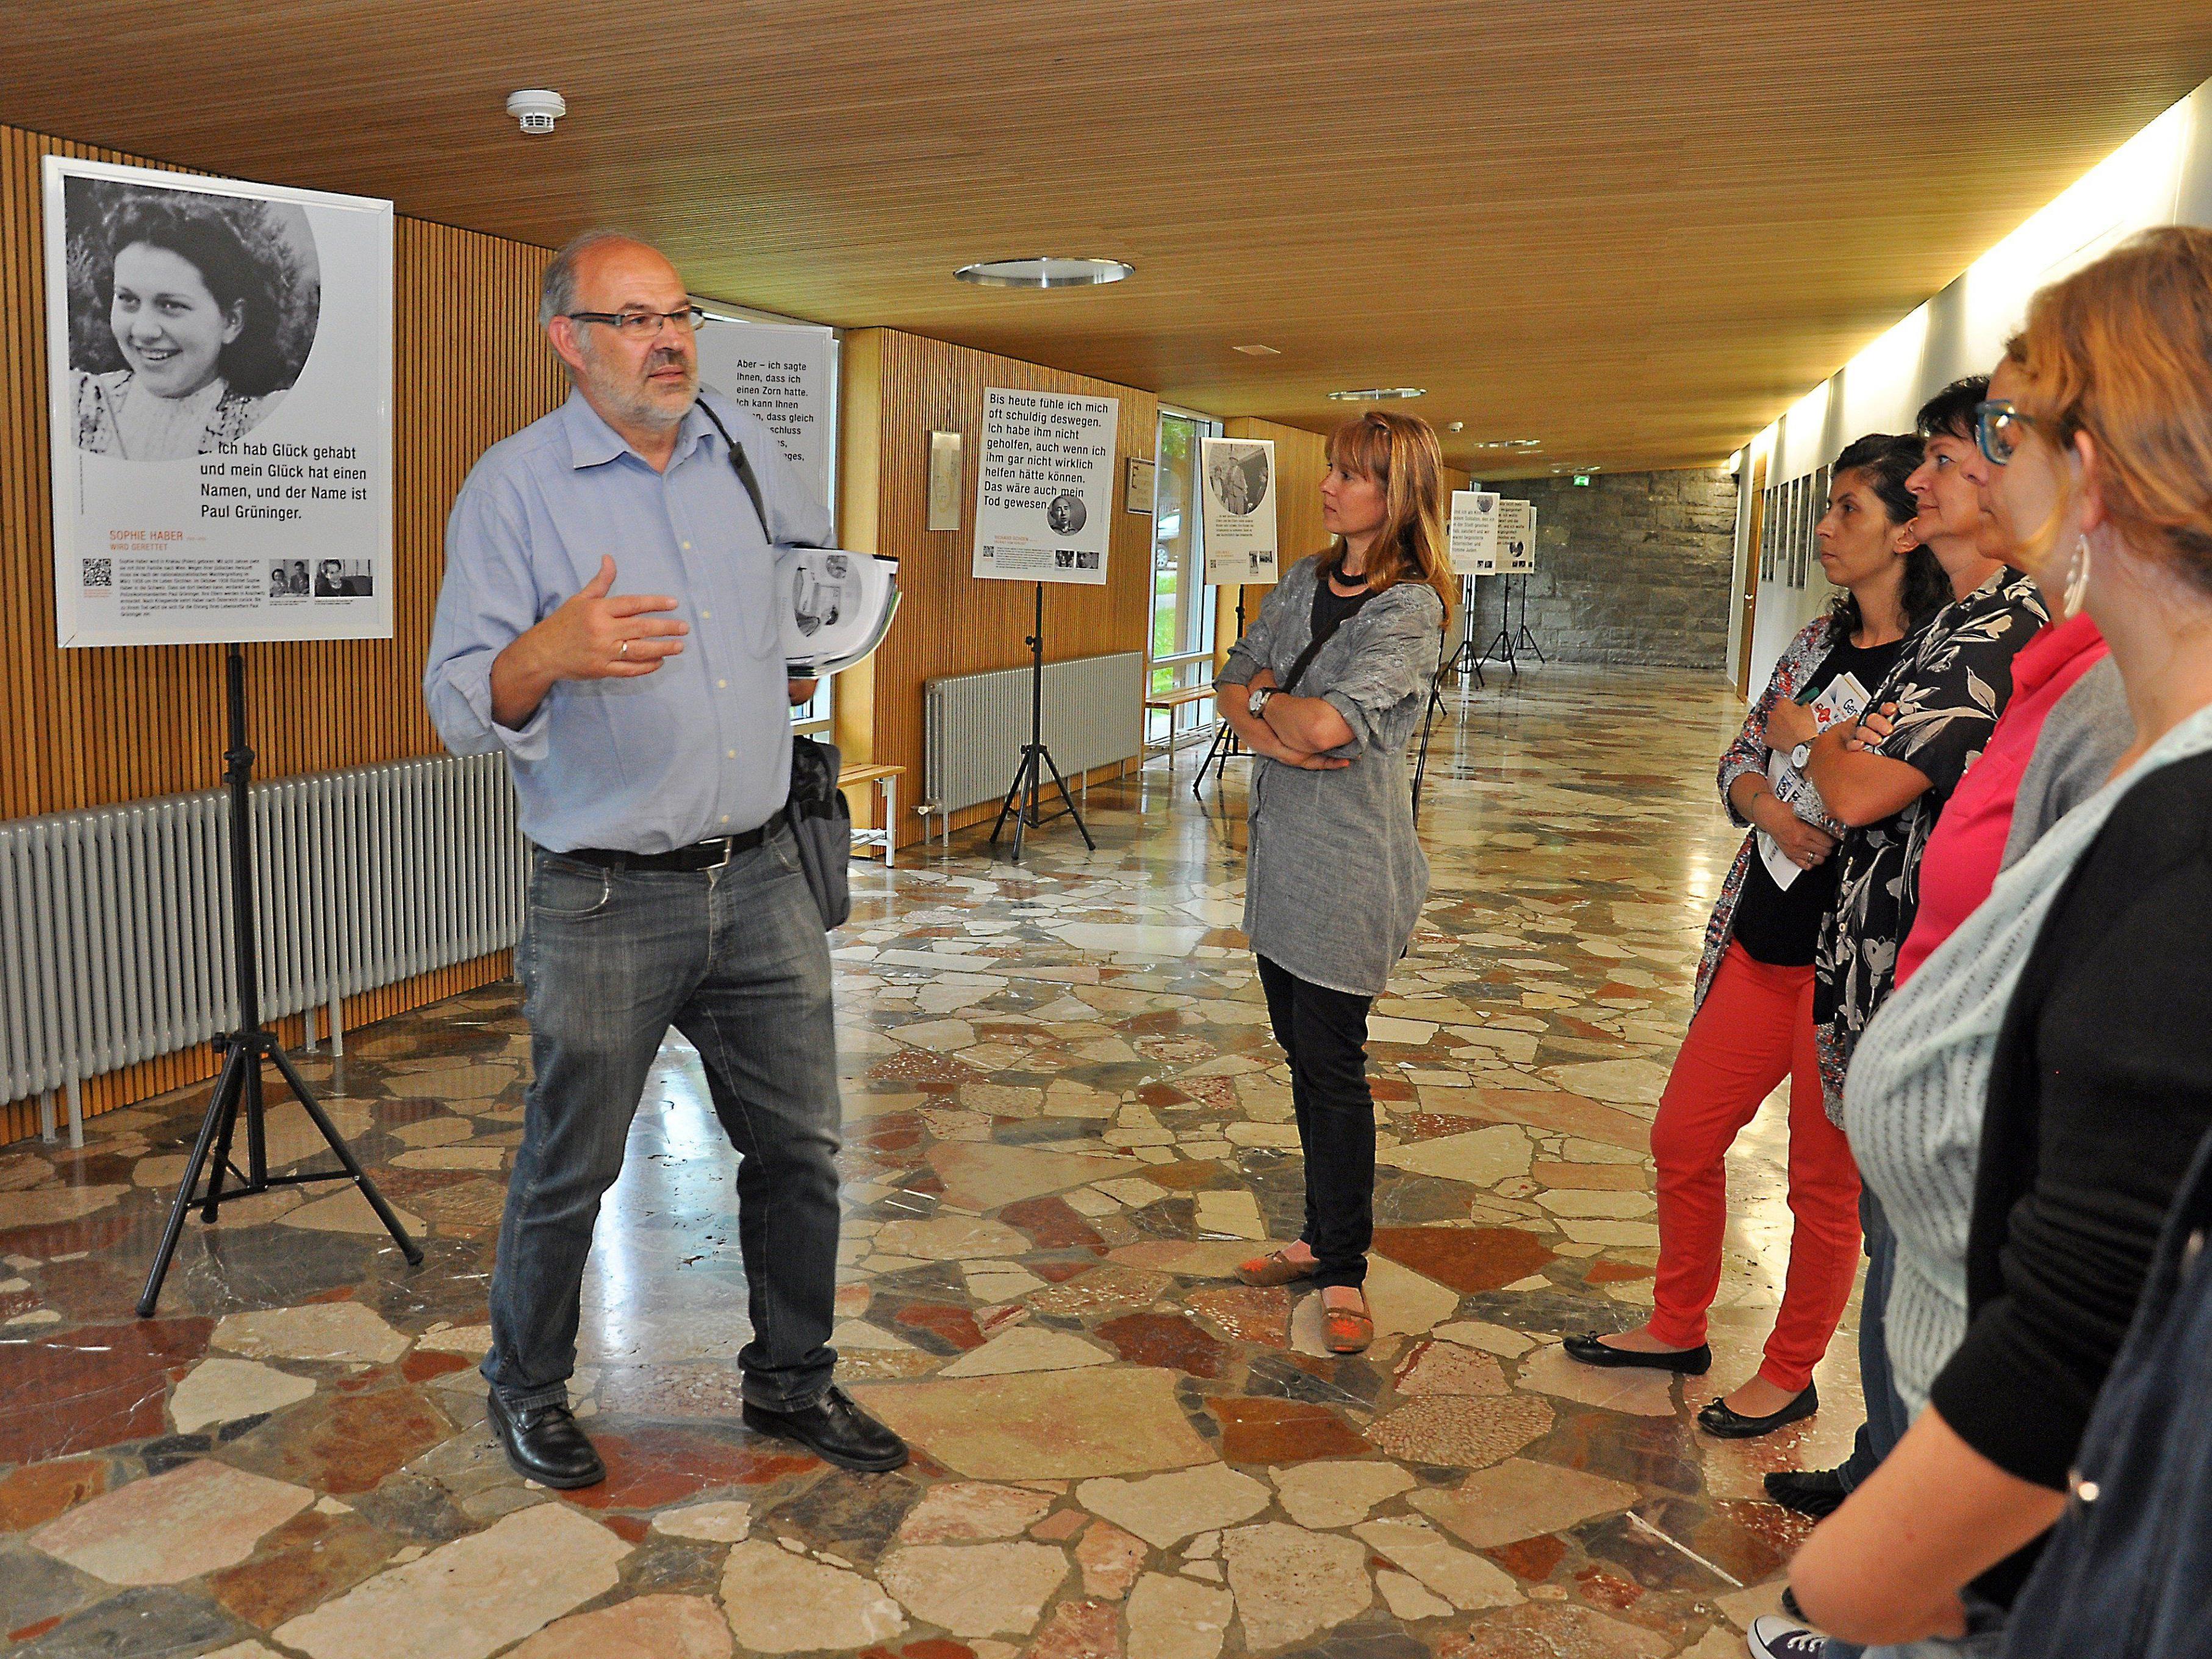 Die Ausstellung regt dazu an, sich mit Themen wie Vorurteilen, Flüchtlingen und Antisemitismus in der heutigen Zeit auseinanderzusetzen.